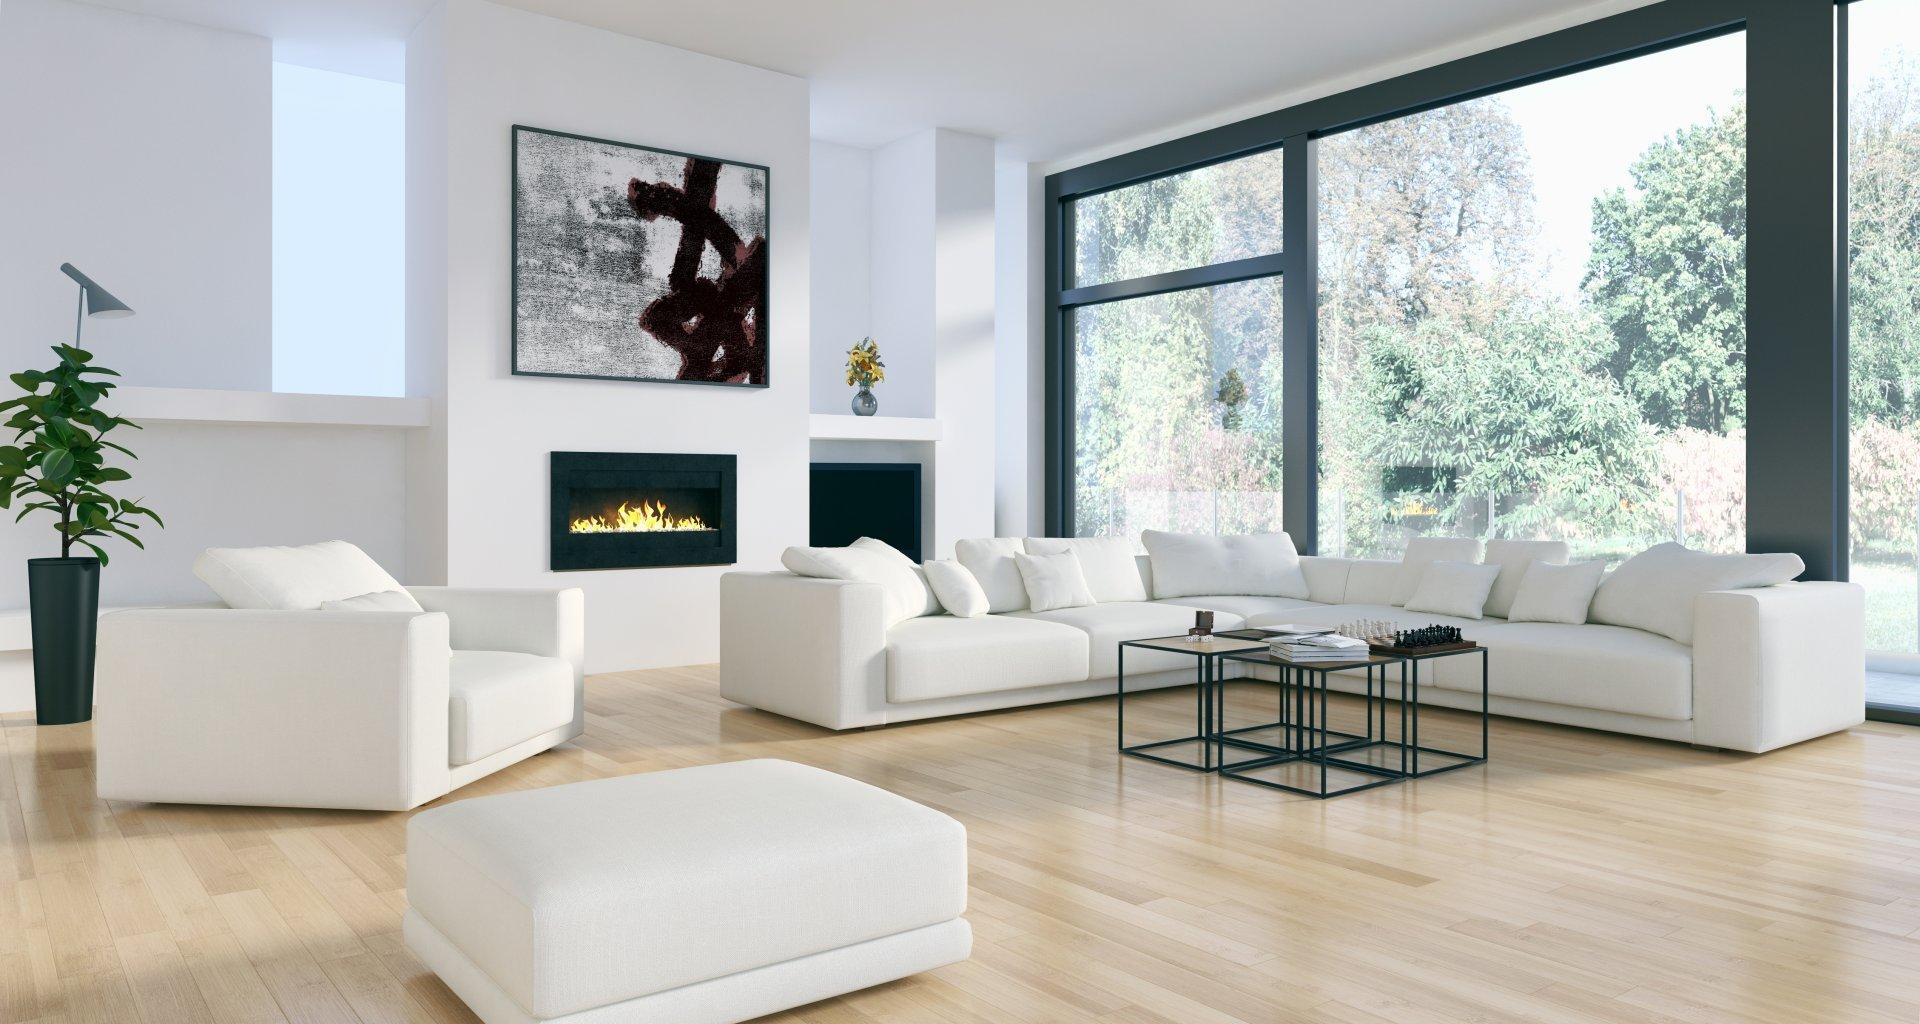 Maison a vendre colombes - 4 pièce(s) - 103.16 m2 - Surfyn